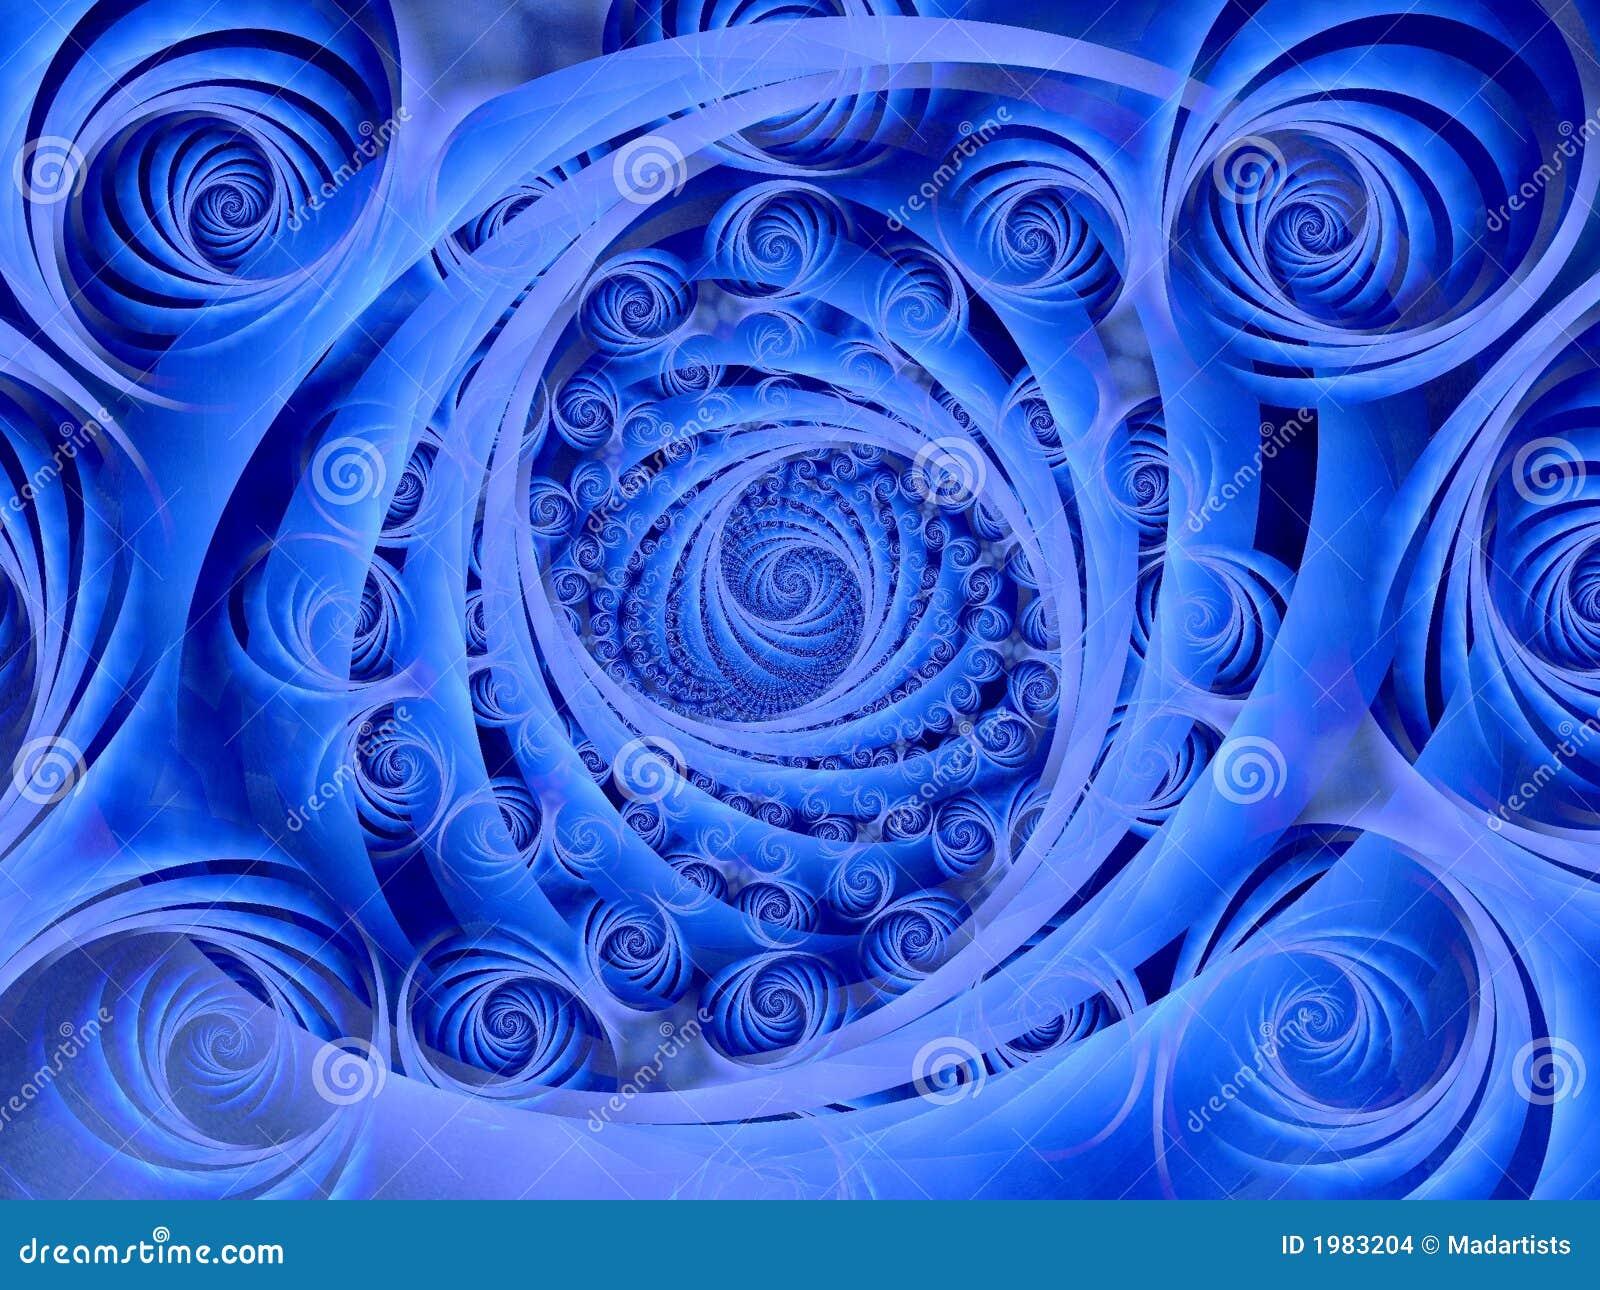 Wispy Blue Spirals Pattern